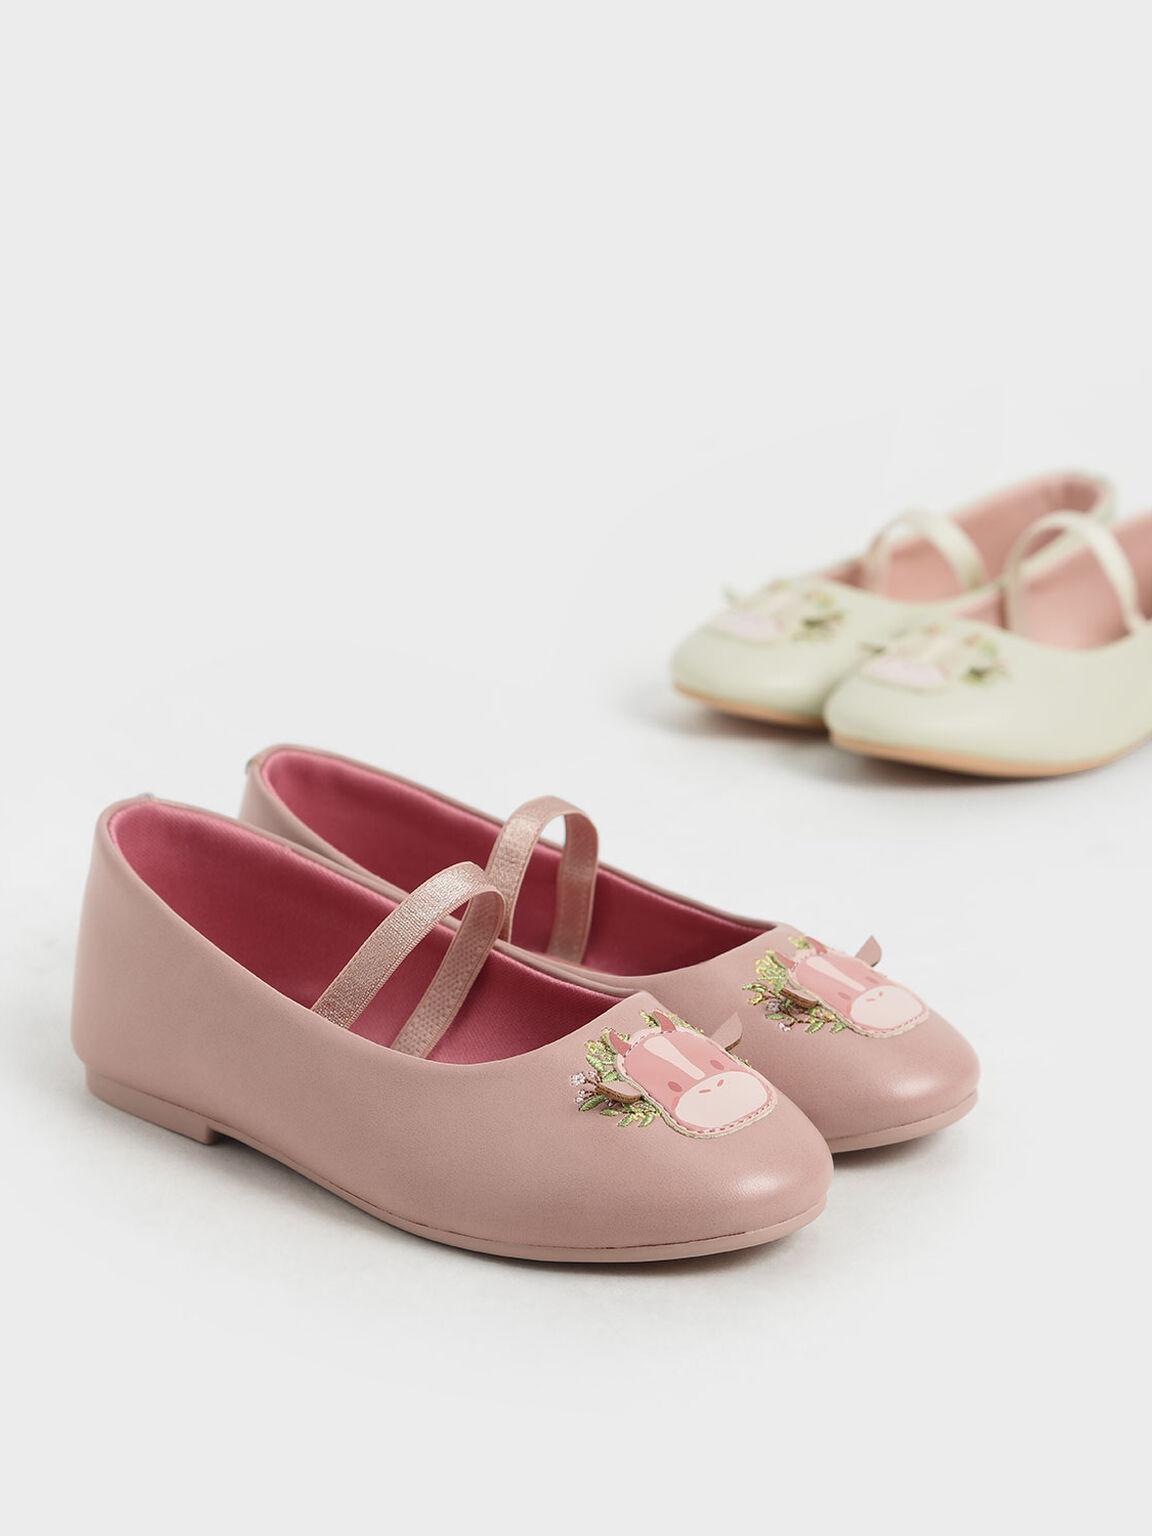 Girls' Cow Motif Ballerinas, Pink, hi-res